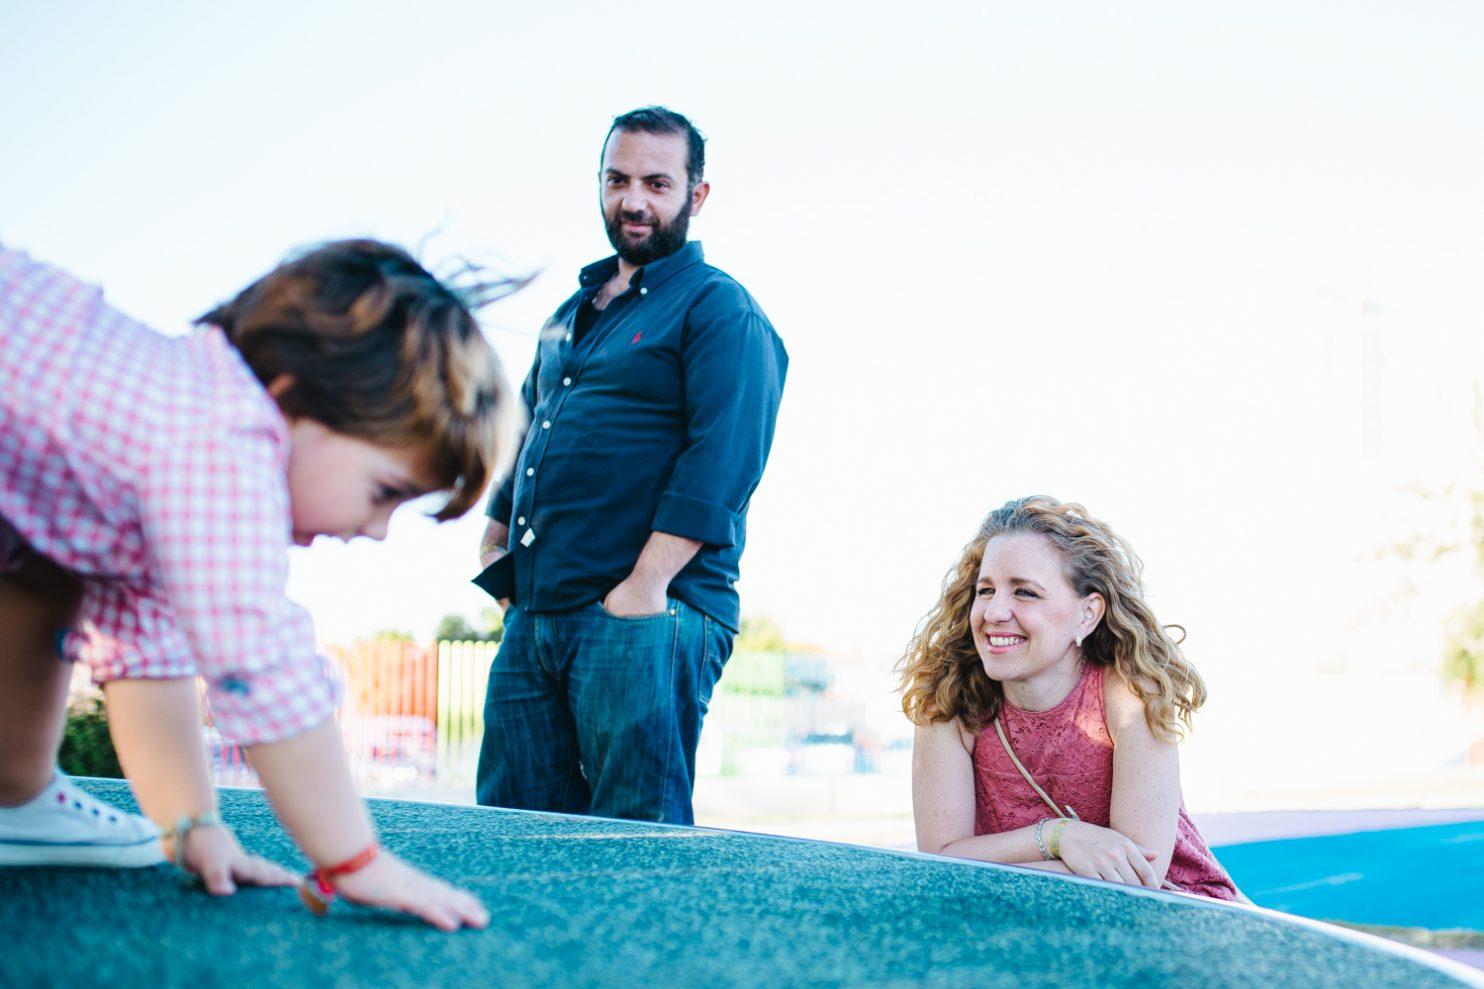 Niño jugando en un columpio de un parque infantil y sus padres lo observan jugar